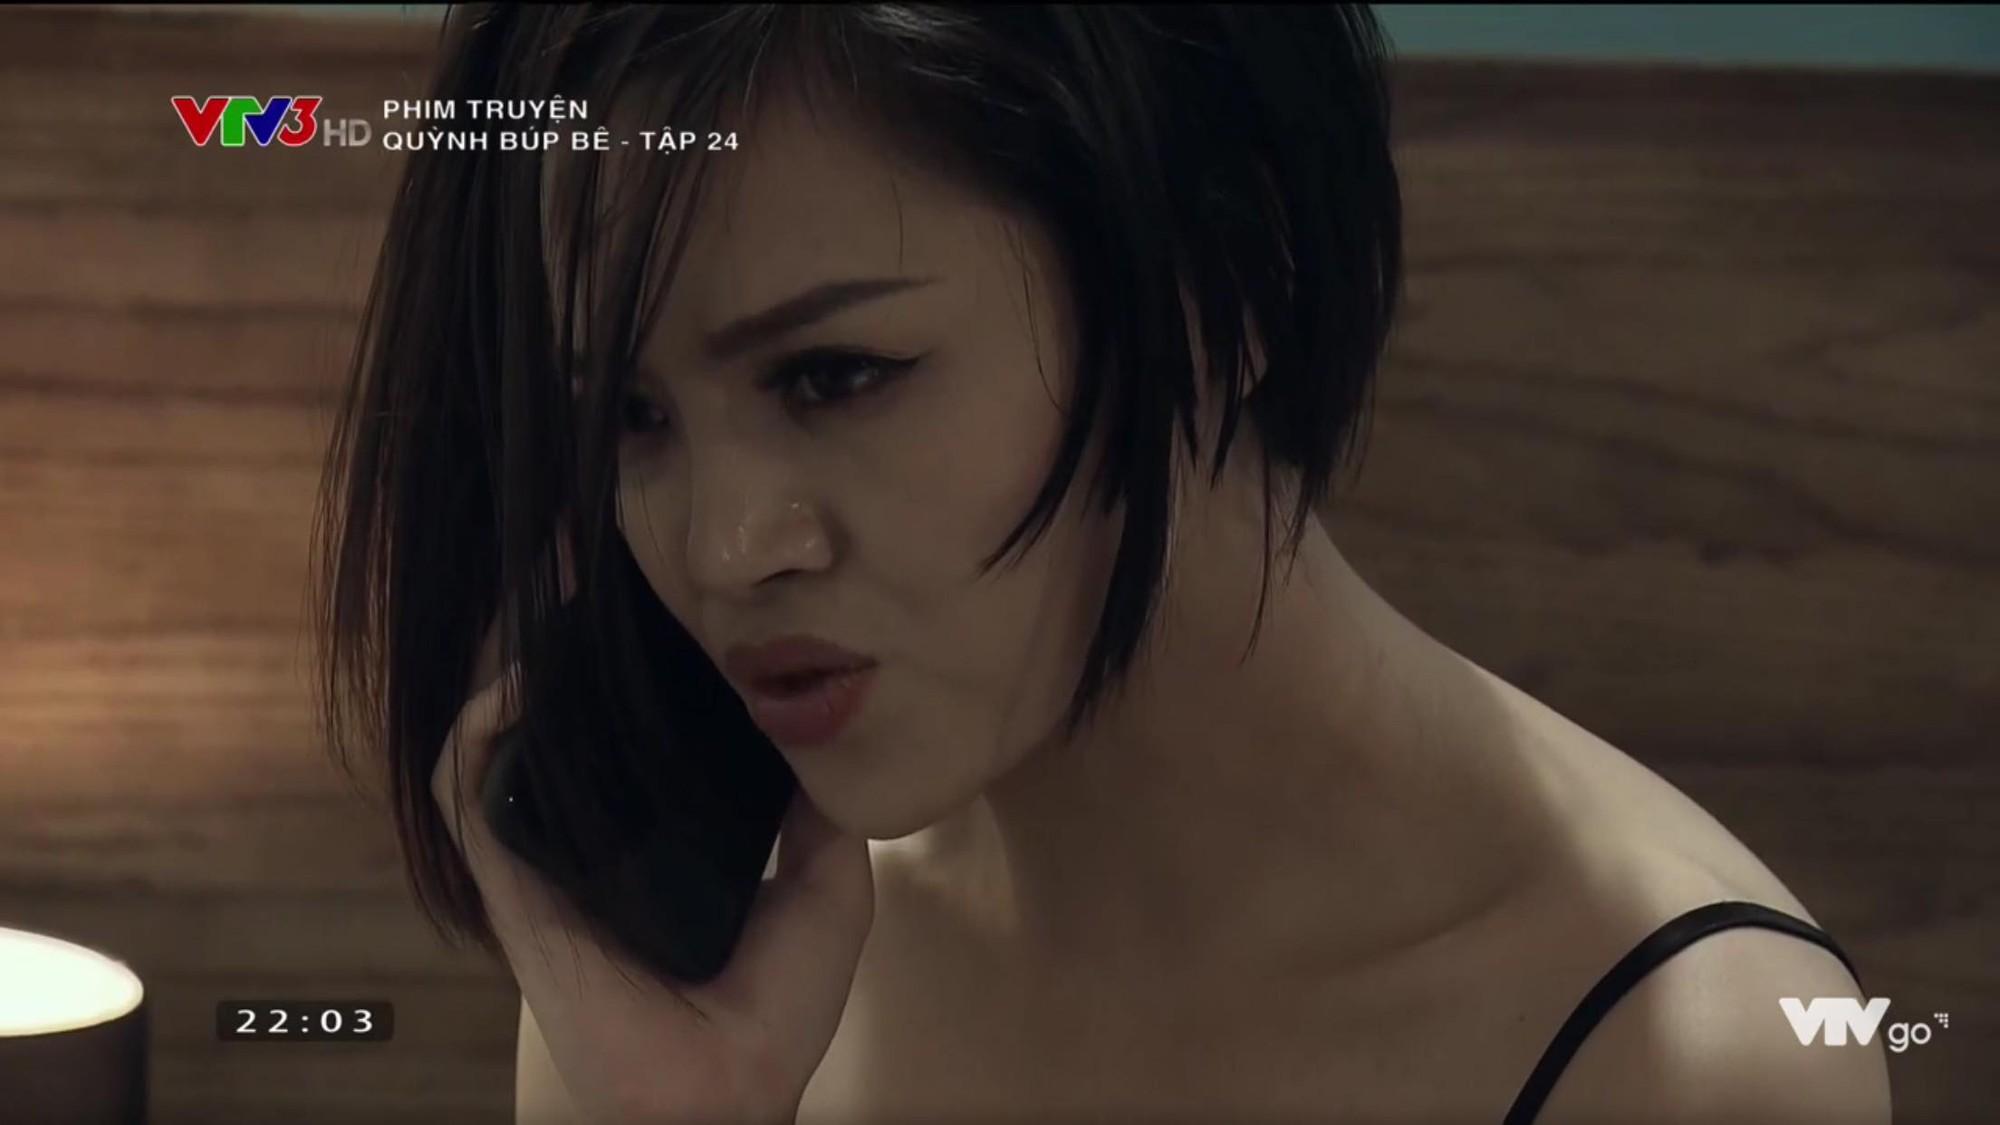 Quỳnh Búp Bê: Em gái Lan Cave bị My Sói phát hiện thân thế, đánh ghen đến sưng vù mặt - Ảnh 6.